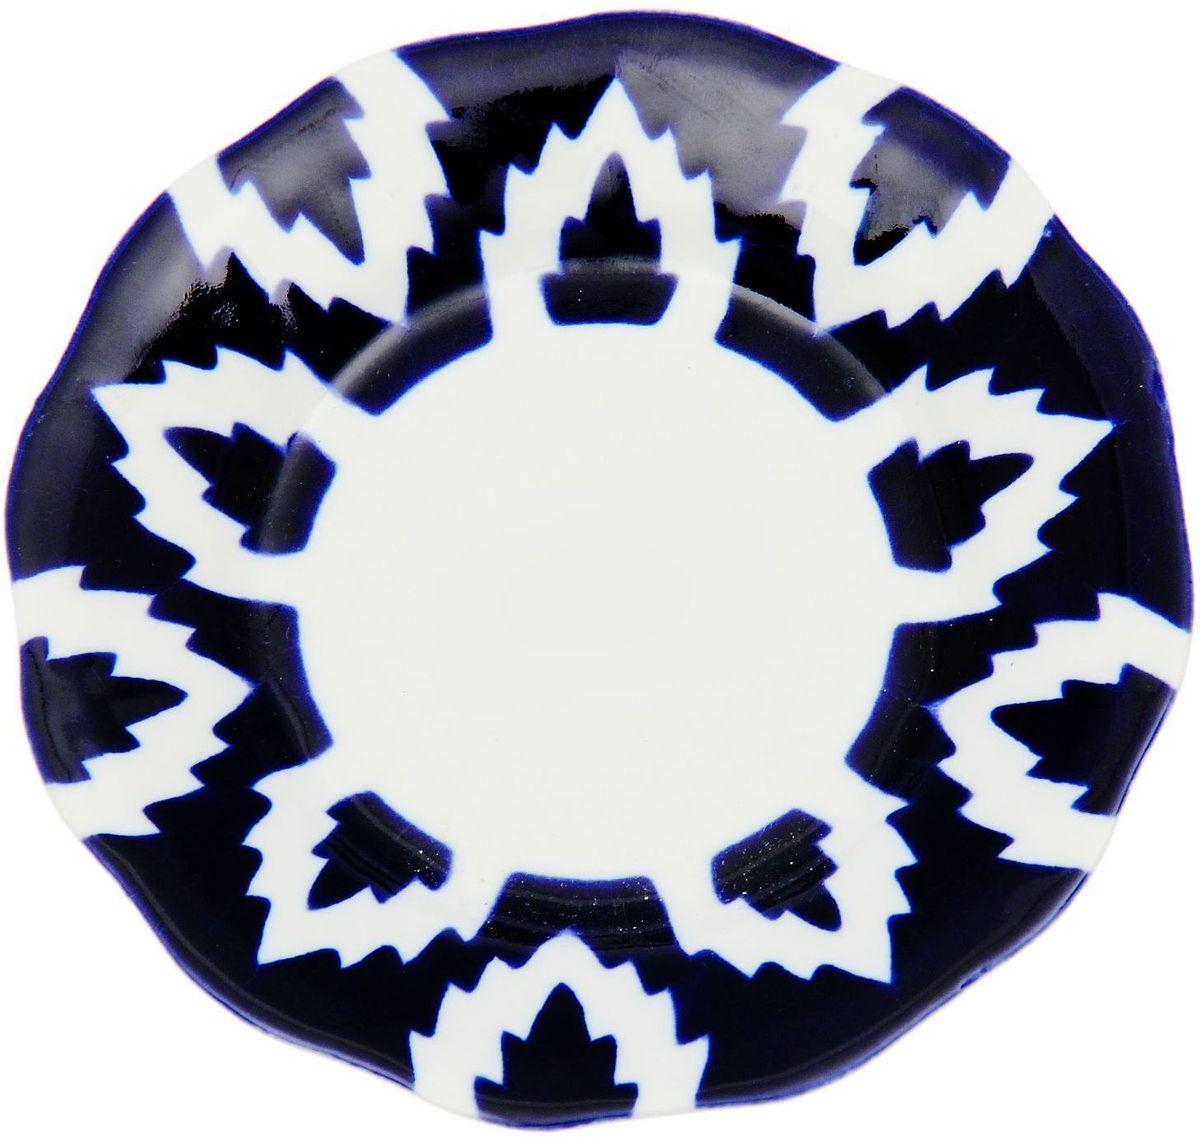 Тарелка Turon Porcelain Атлас, цвет: синий, белый, диаметр 12,5 см1625377Тарелка Turon Porcelain Атлас, выполненная из качественного фарфора, подойдет для повседневной и праздничной сервировки. Дополните стол текстилем и салфетками в тон, чтобы получить элегантное убранство с яркими акцентами.Национальная узбекская роспись Атлас имеет симметричный геометрический рисунок. Узоры, похожие на листья, выводятся тонкой кистью, фон заливается темно-синим кобальтом. Синий краситель при обжиге слегка растекается и придает контуру изображений голубой оттенок. Густая глазурь наносится толстым слоем, благодаря чему рисунок мерцает.Узбекская посуда известна всему миру уже более тысячи лет. Ей любовались царские особы, на ней подавали еду для шейхов и знатных персон. Формулы красок и глазури передаются из поколения в поколение. По сей день качественные расписные изделия продолжают восхищать совершенством и завораживающей красотой.